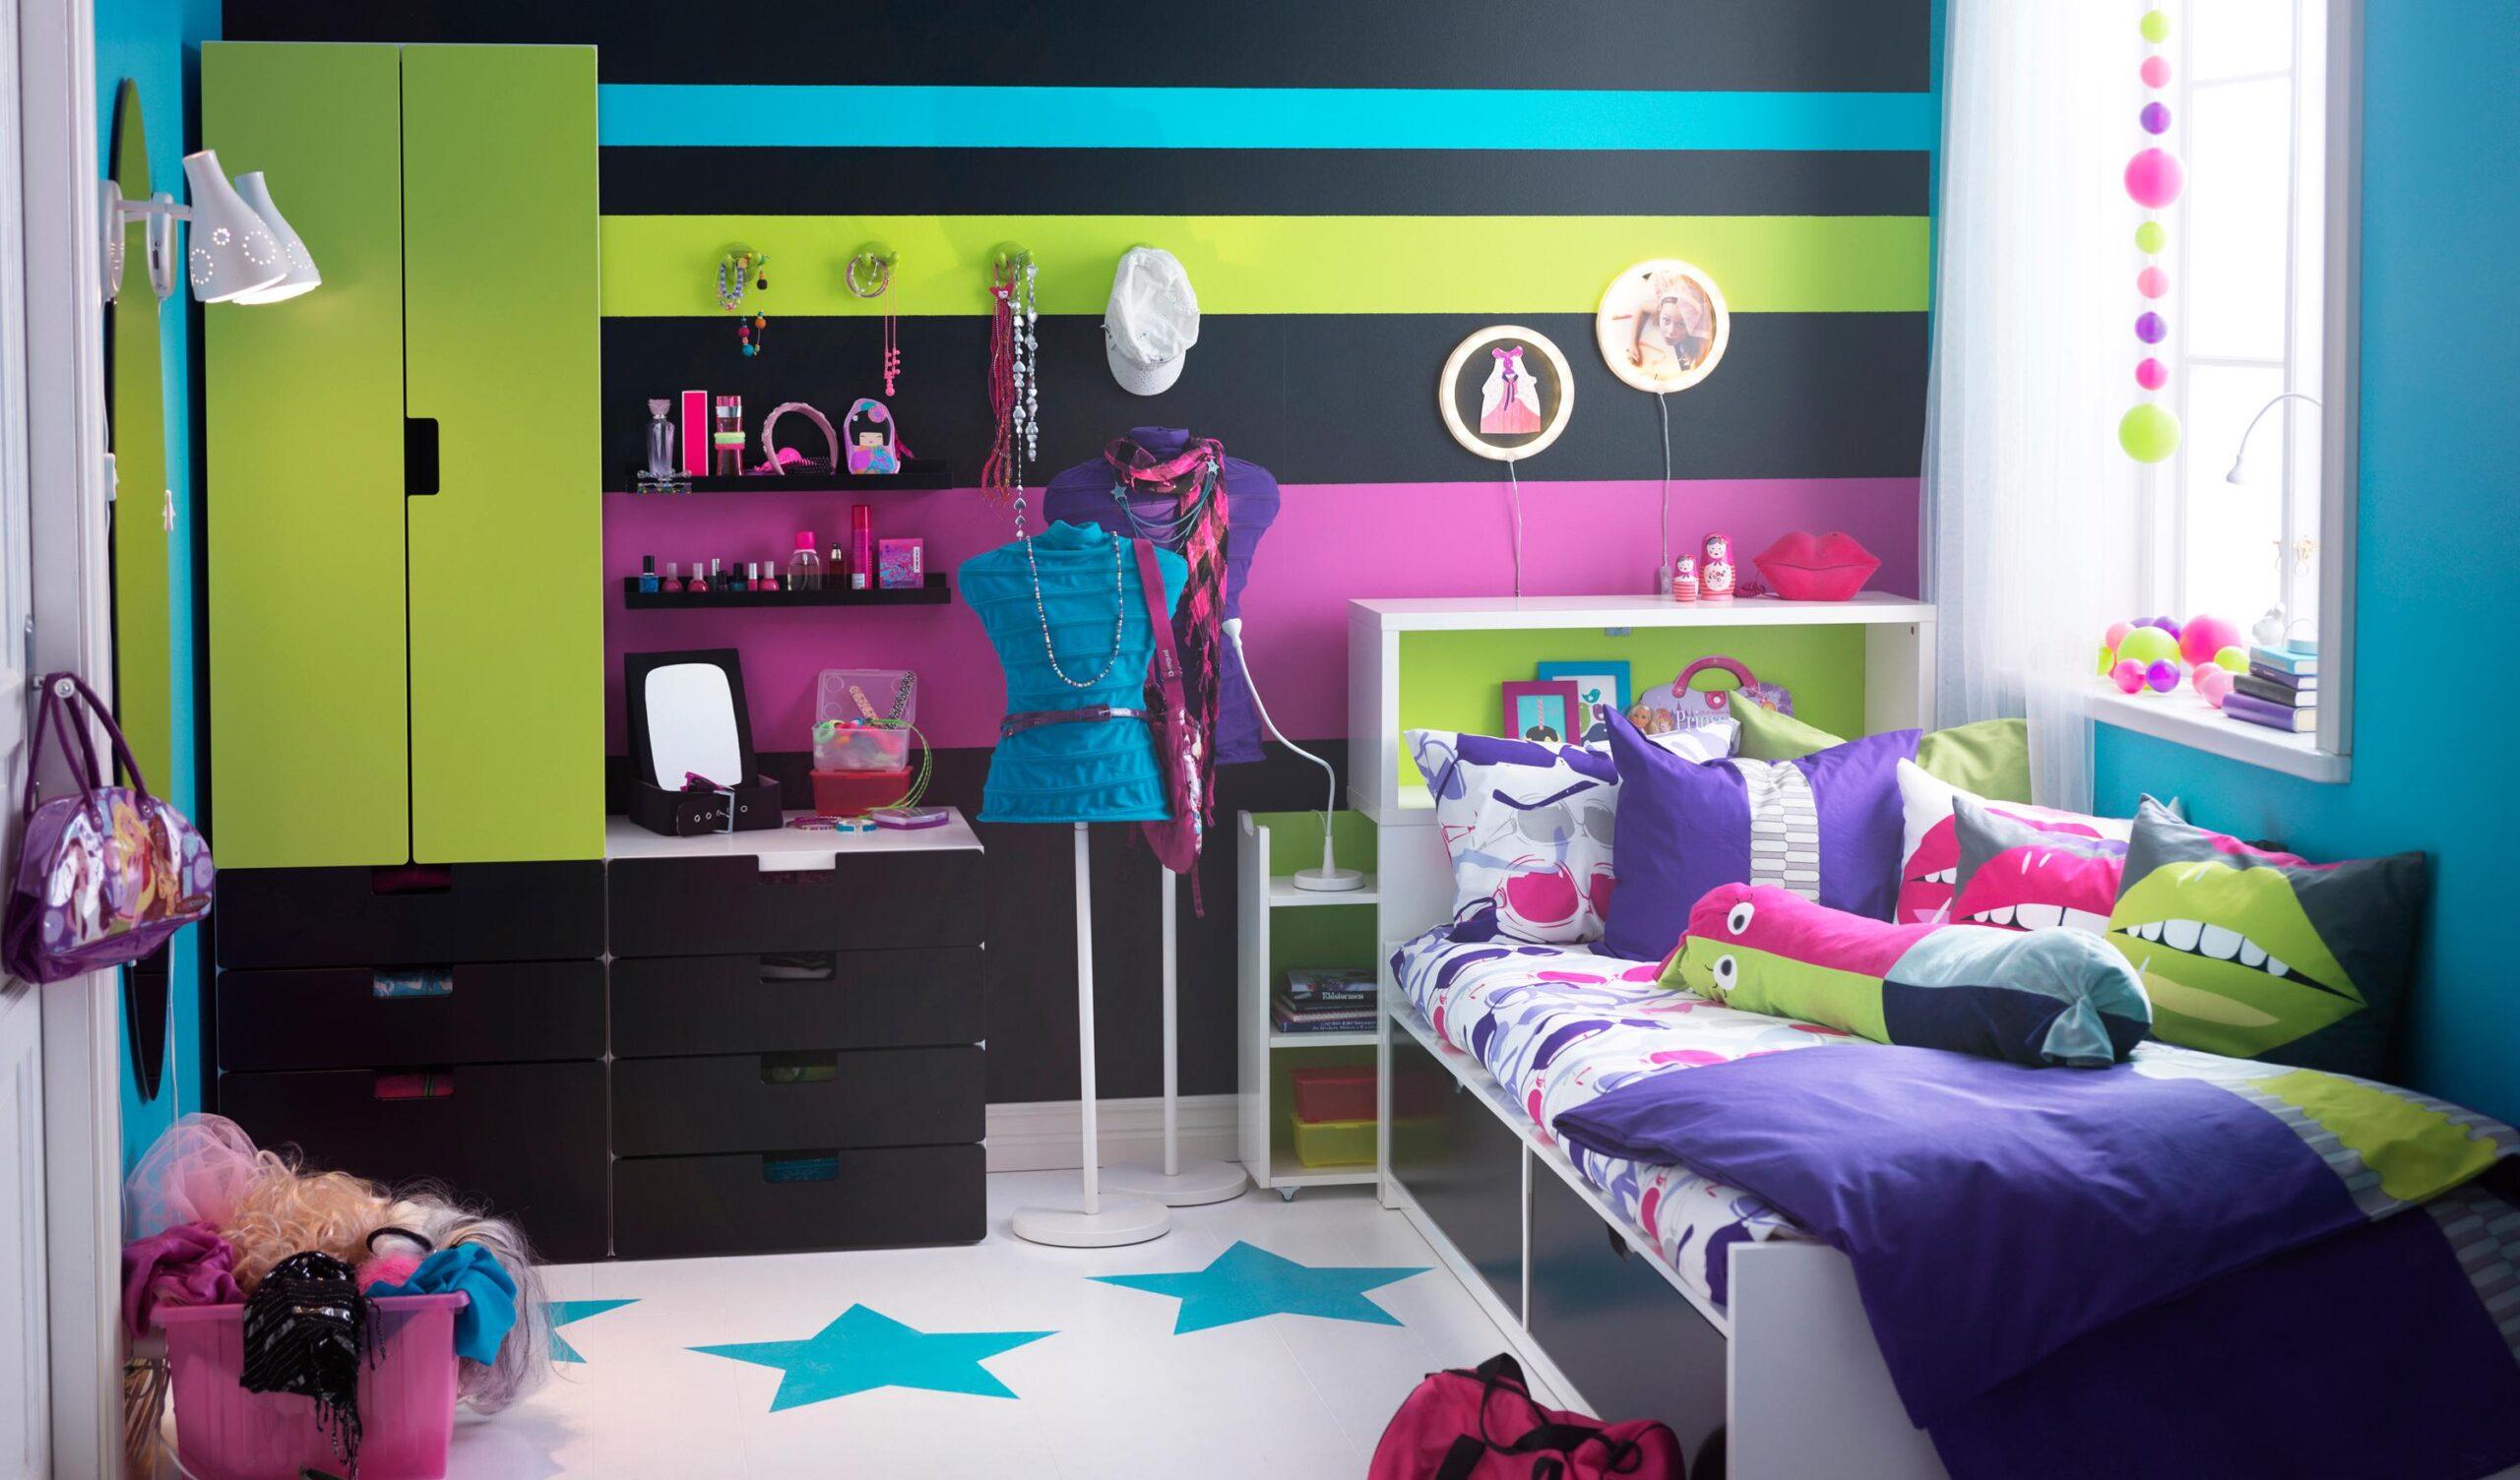 Full Size of Ikea Jugendzimmer In Neonfarben Bett Wandfarbe Wandges Küche Kaufen Betten Bei Sofa Modulküche Kosten 160x200 Miniküche Mit Schlaffunktion Wohnzimmer Ikea Jugendzimmer